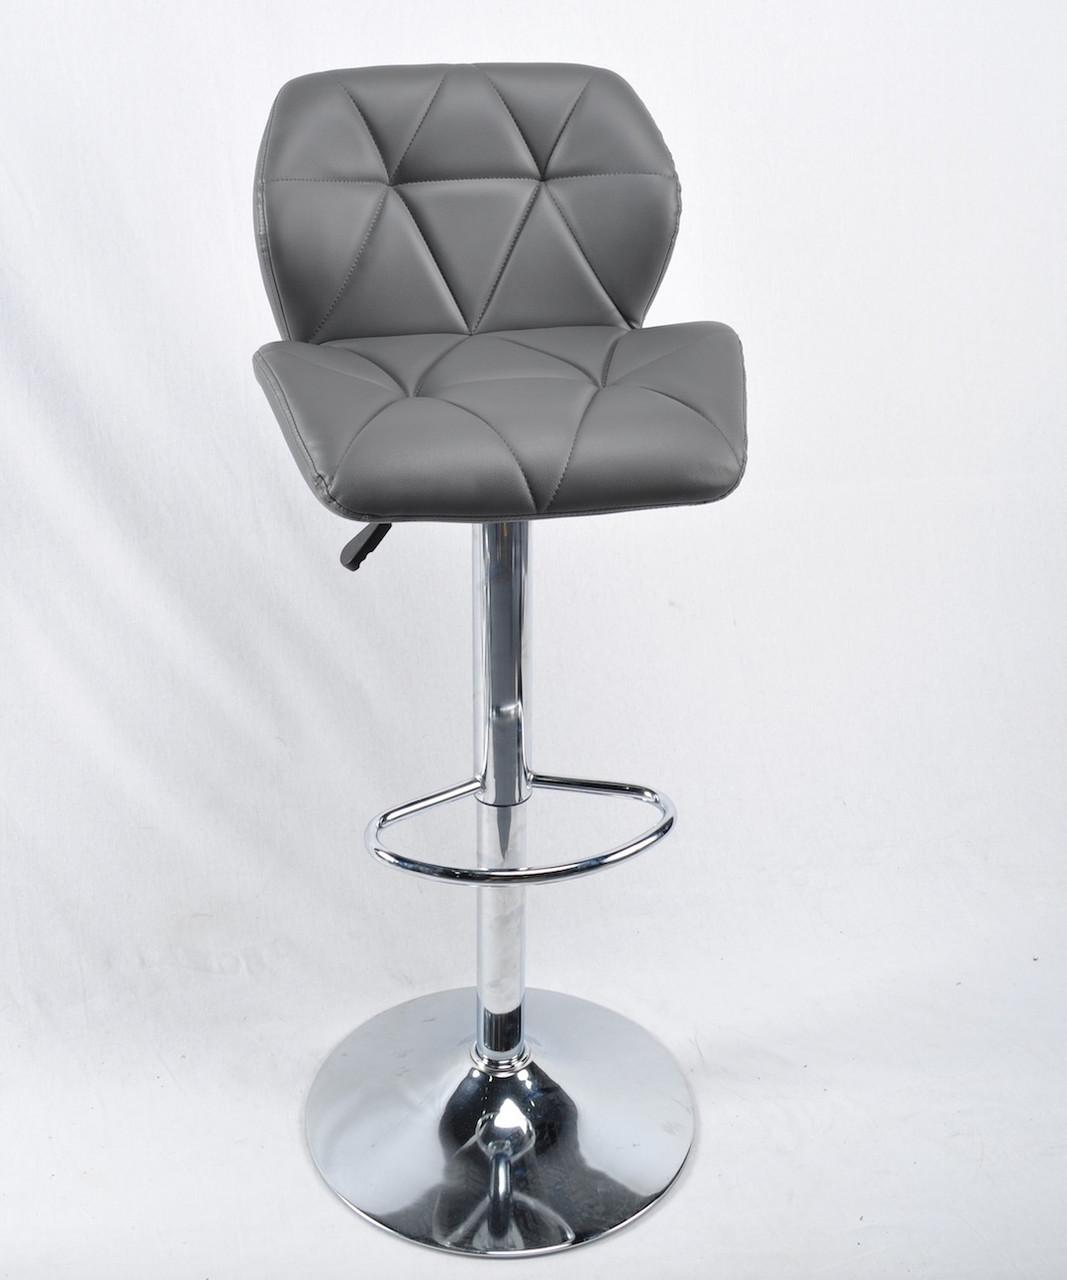 Барный стул SET Сэт темно-серая экокожа, стул визажиста